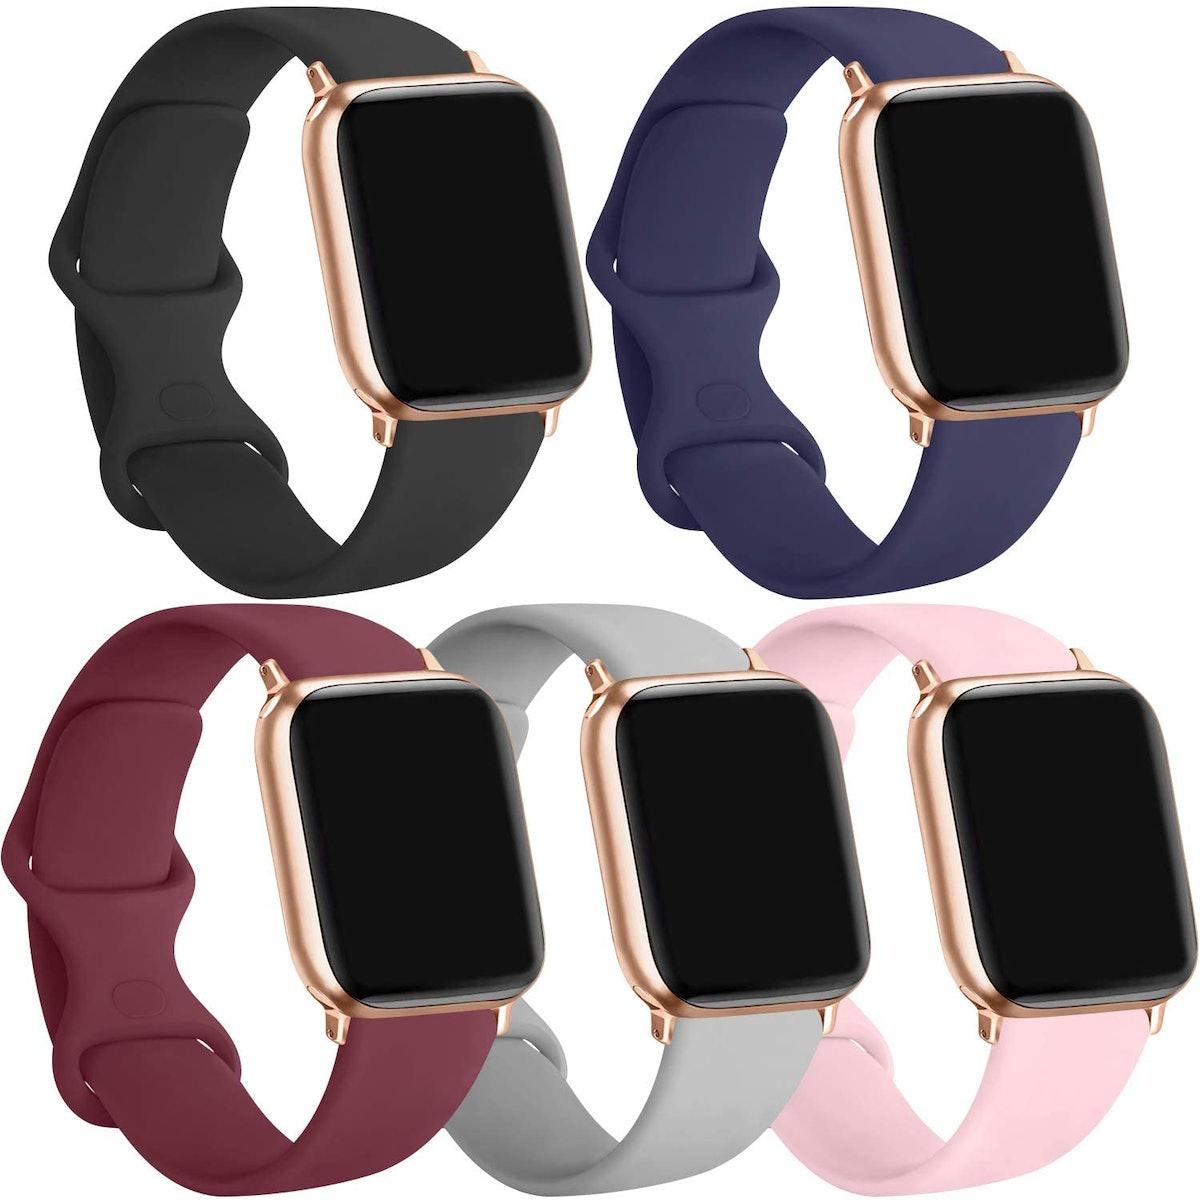 Vancle Smart Watch Bands (Set of 5)